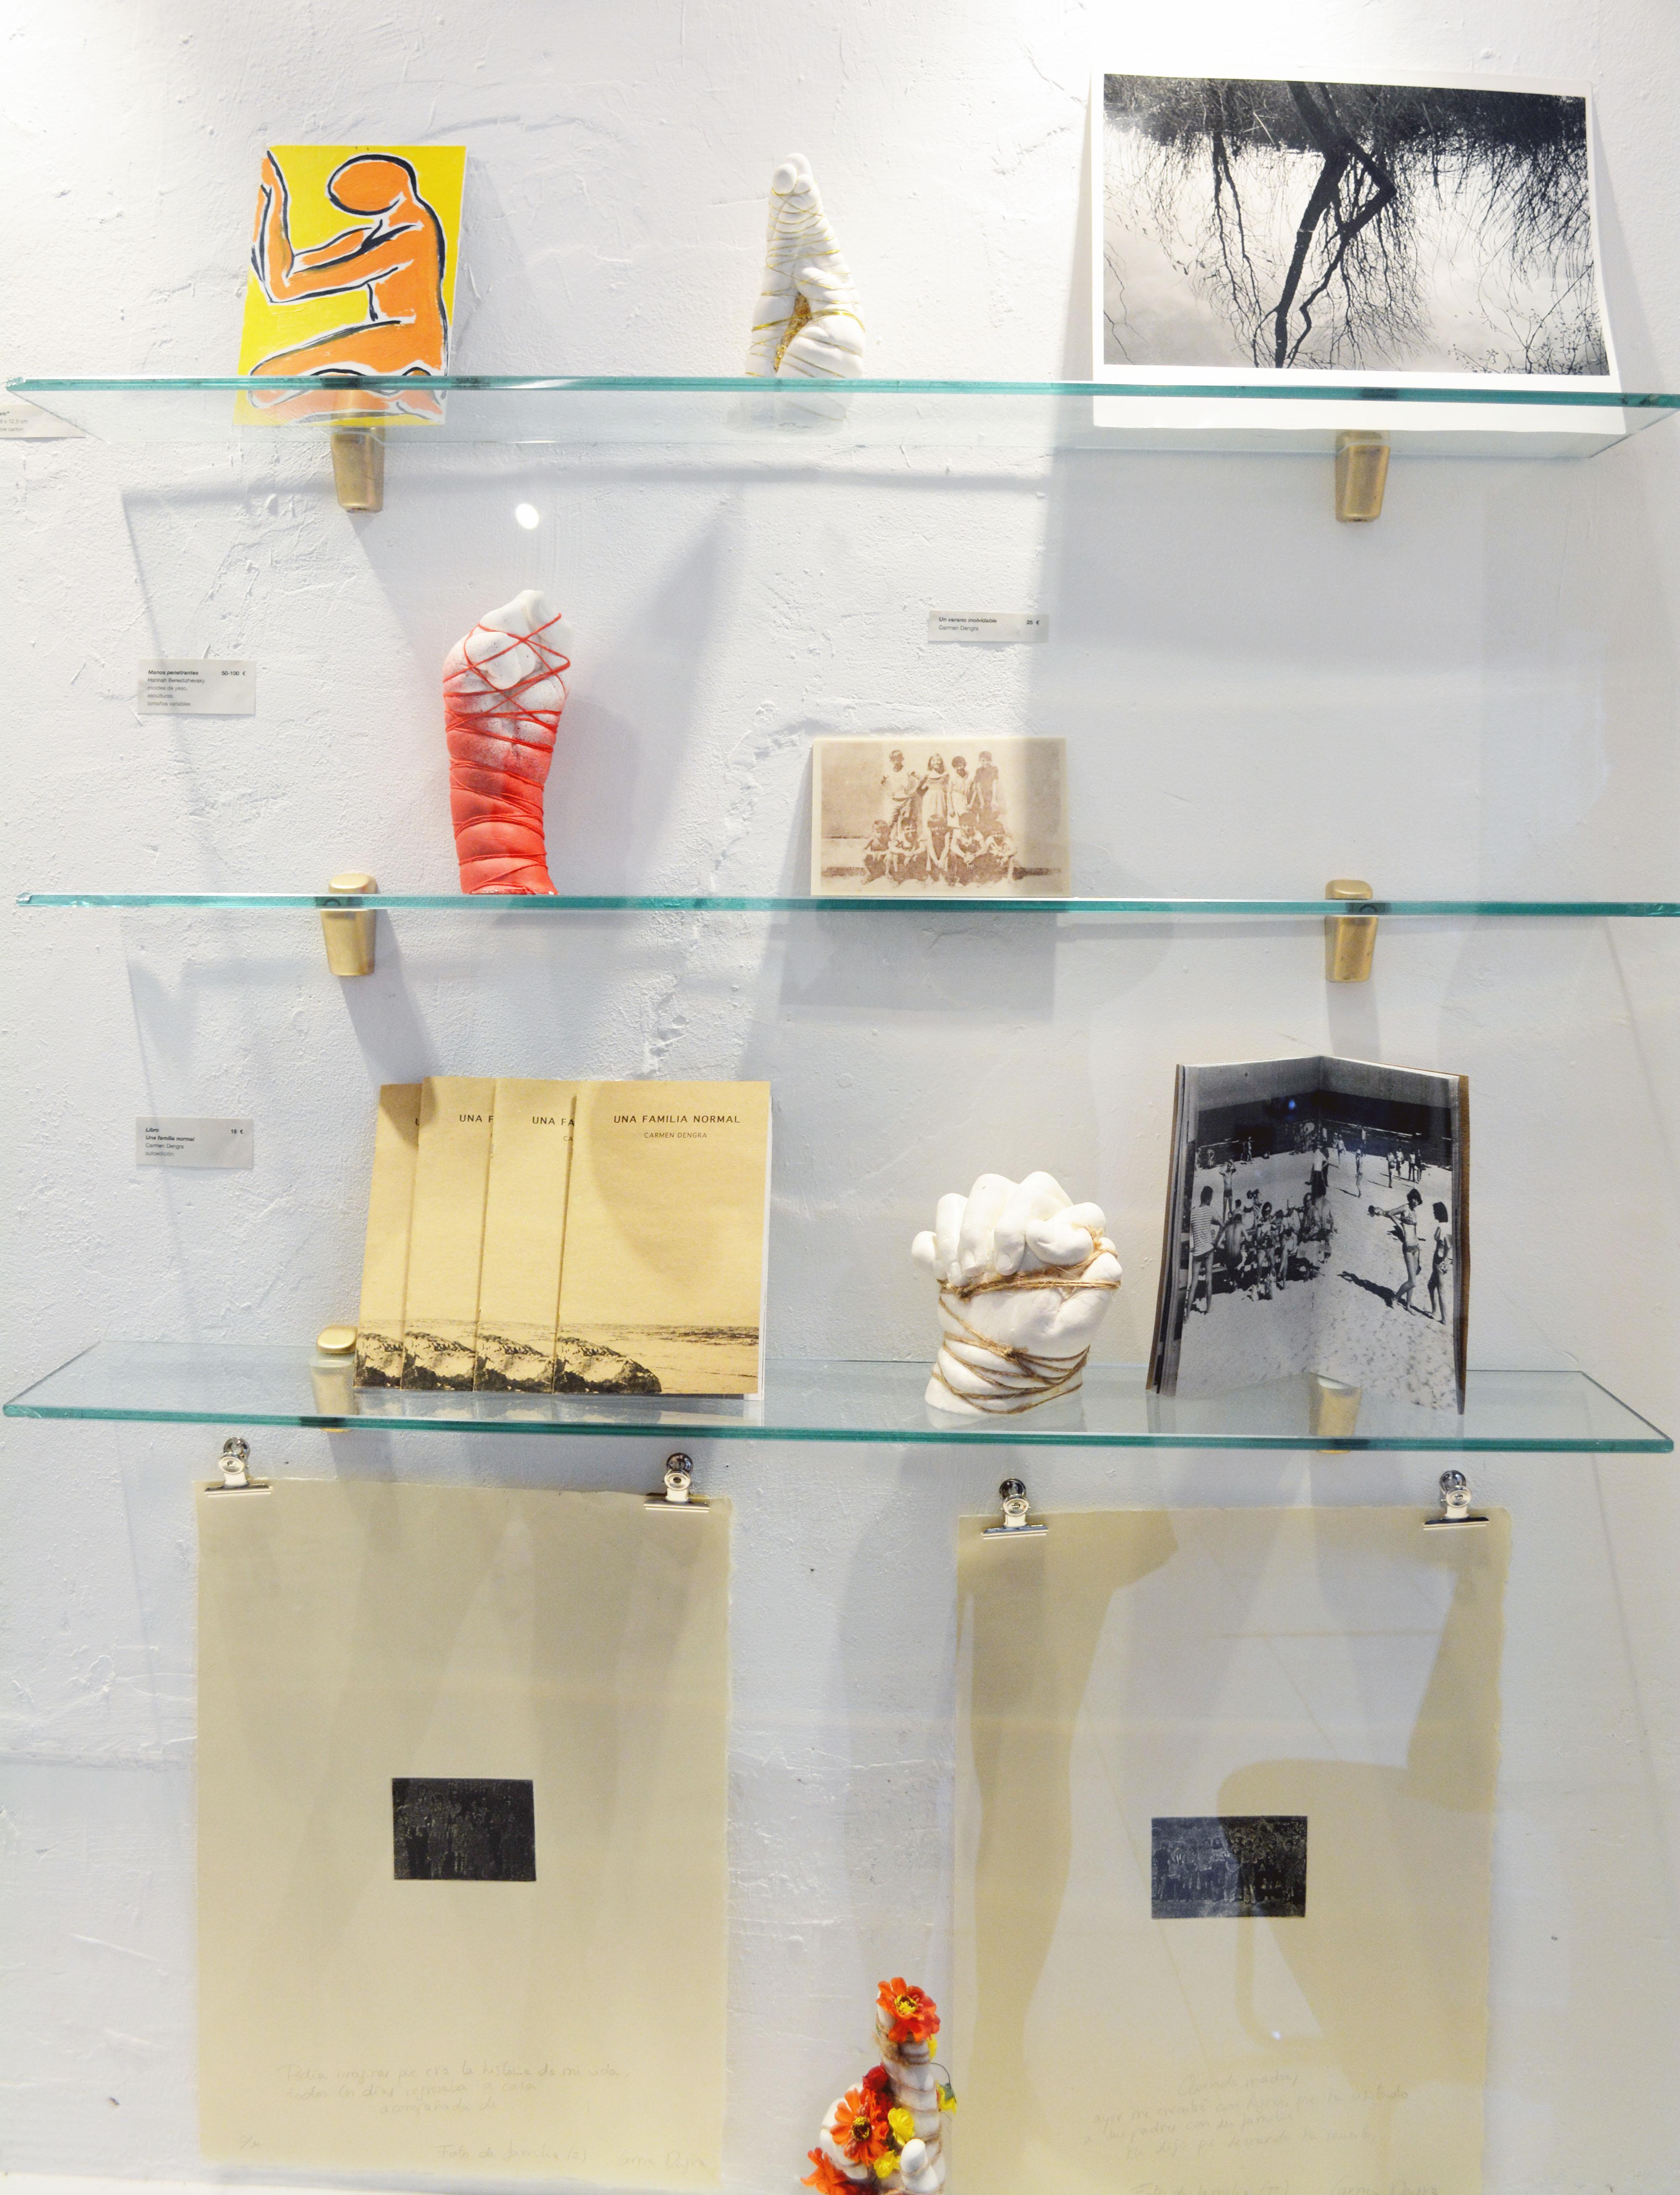 exhibition details